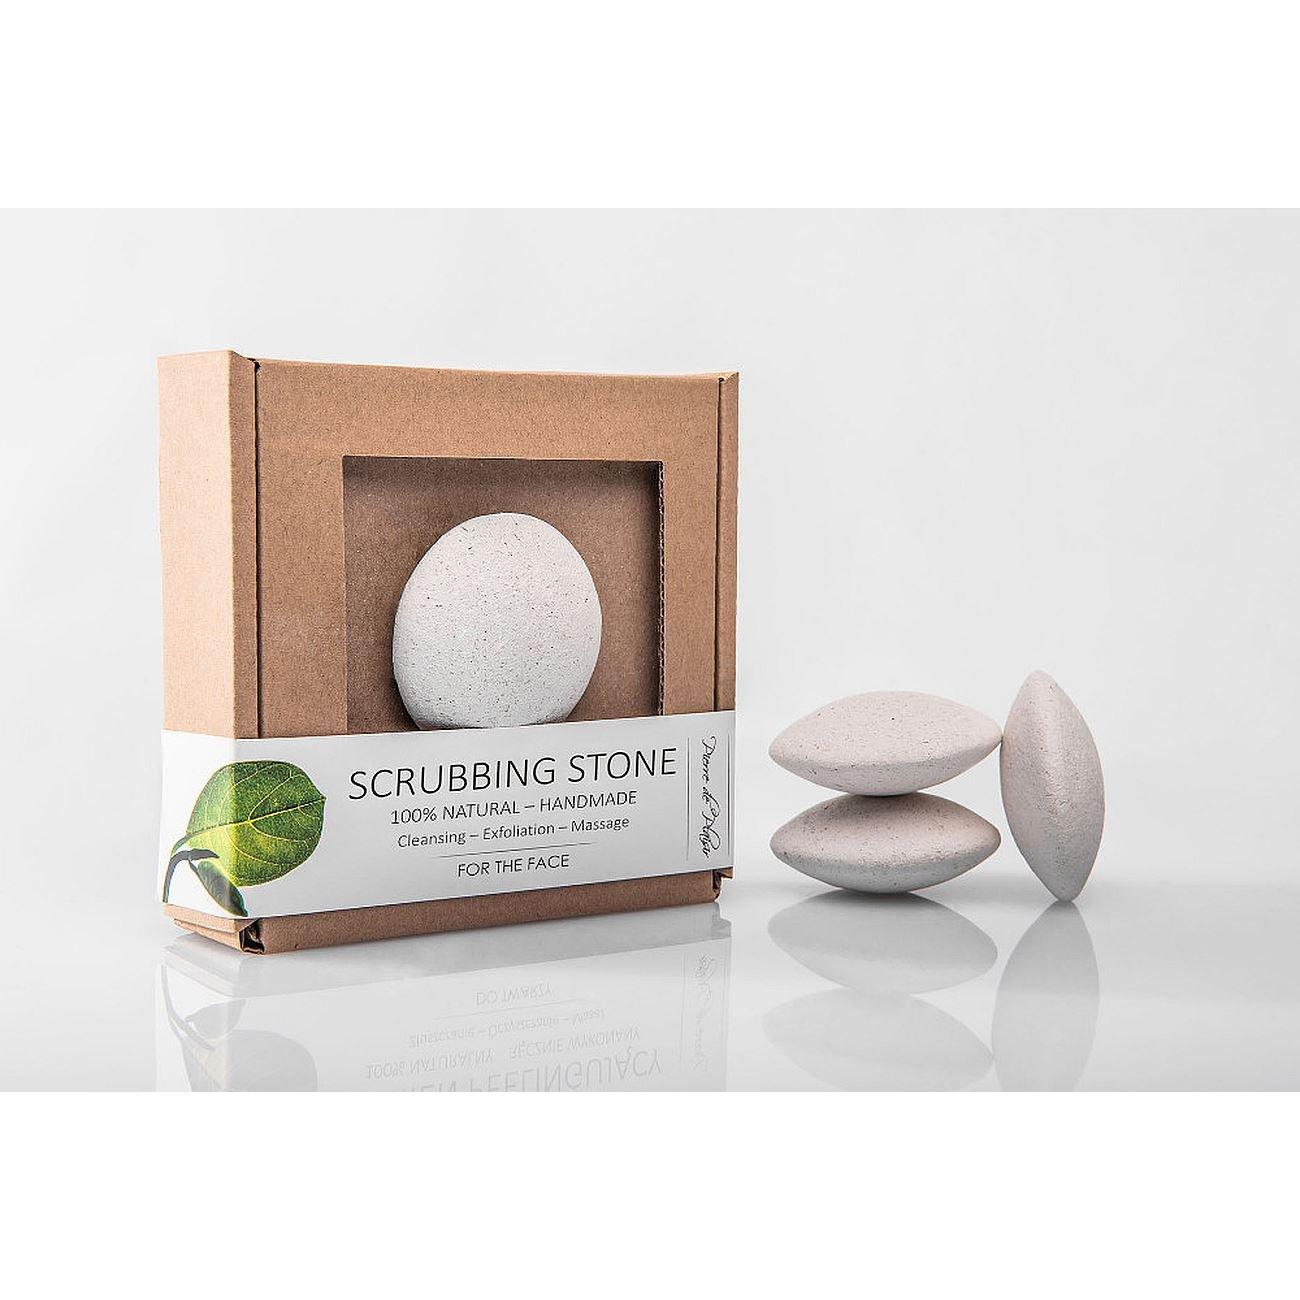 Pierre de Plaisir - Natural Scrubbing Stone for the Face White - 40g by Pierre de Plaisir